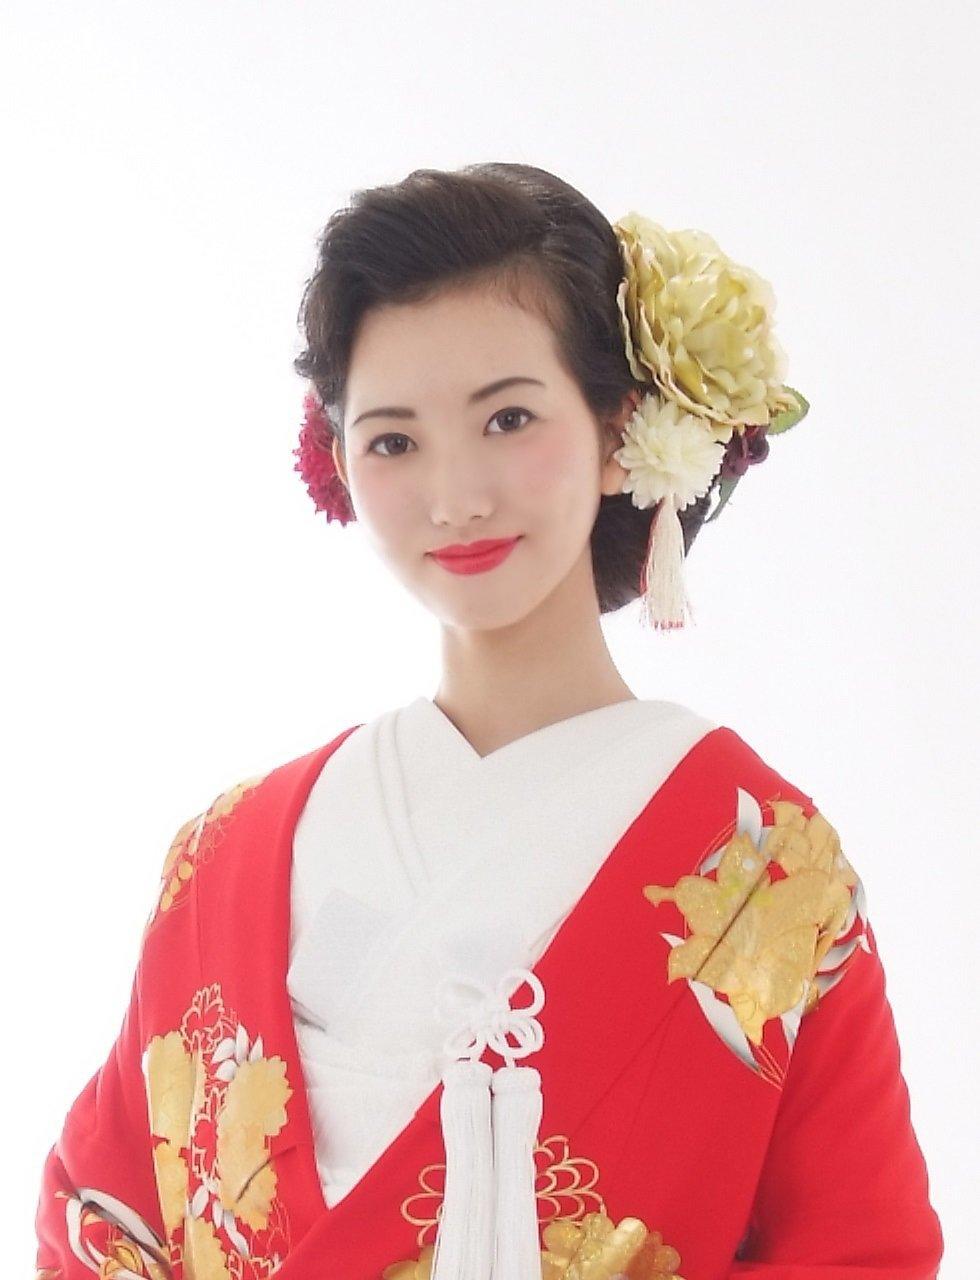 花嫁さん向け髪型特集♡ウェディングドレス・着物に映える結婚式のヘアスタイルまとめ